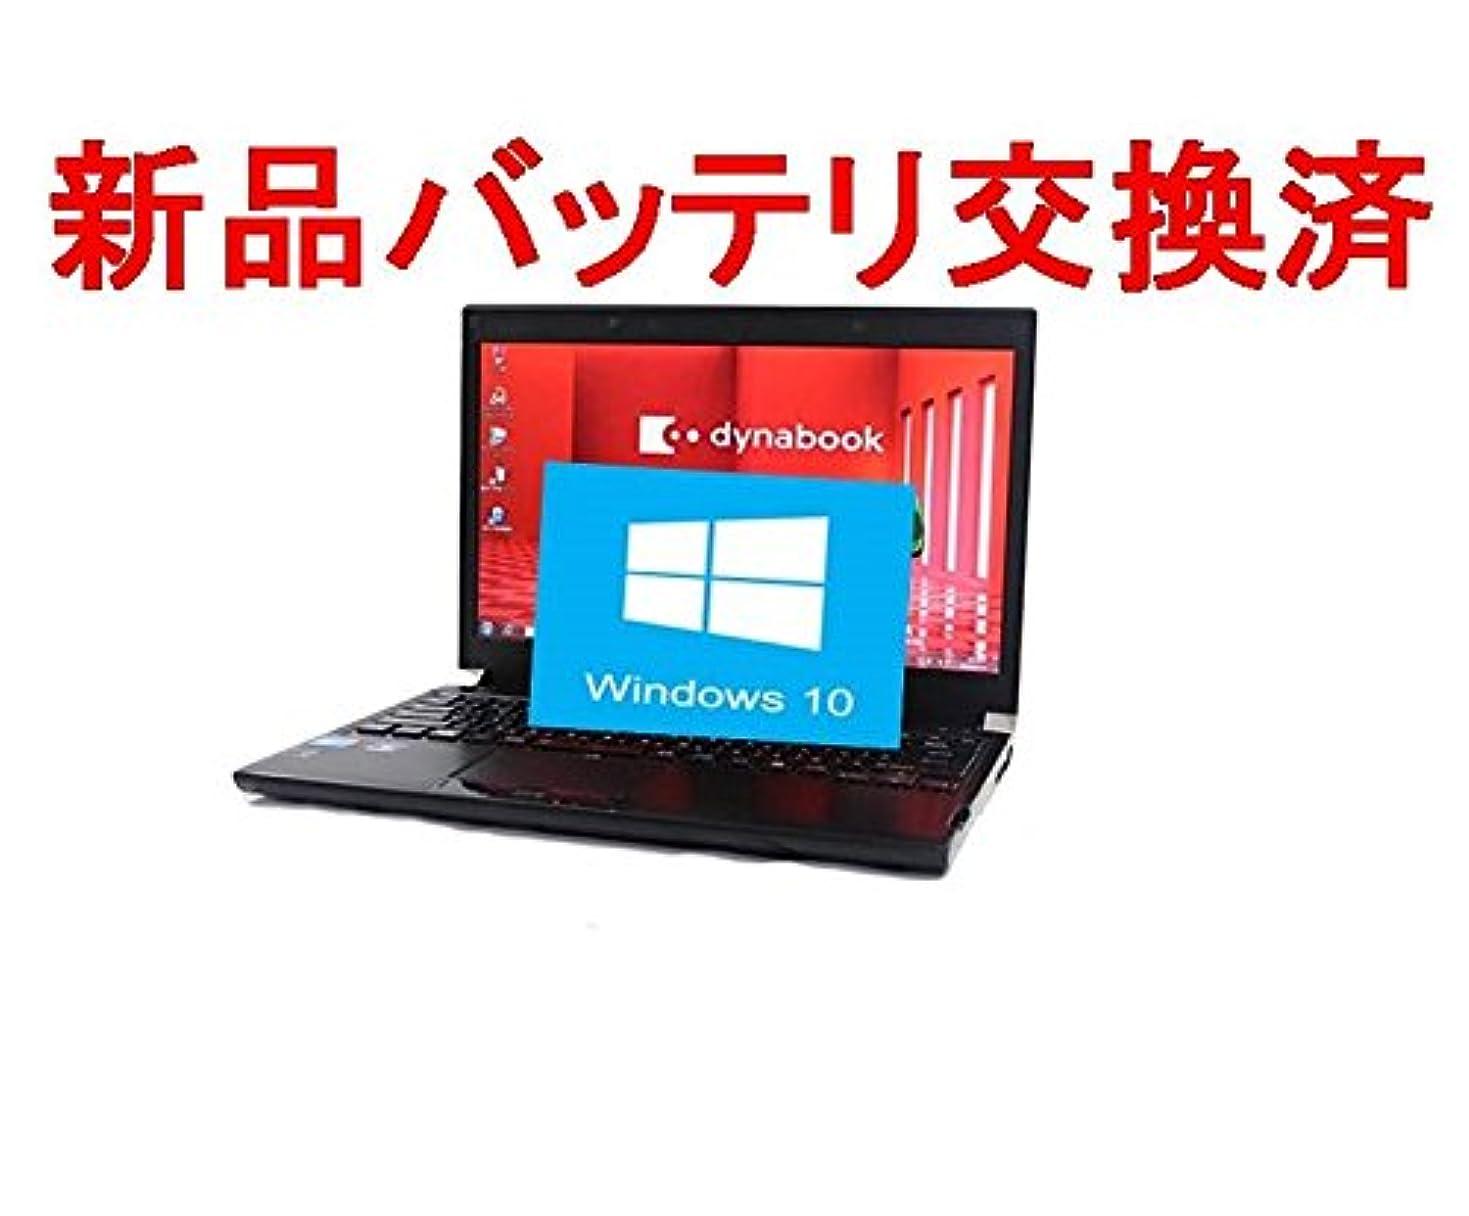 識別するサバント結晶【新品バッテリー交換済み】中古 ノートパソコン /HDD500GB搭載/Windows10 64bit 無線LAN キングソフトOffice付 Corei5 メモリ4GB DVDROM (新品バッテリー交換済み/HDD500GB/メモリ4GB)